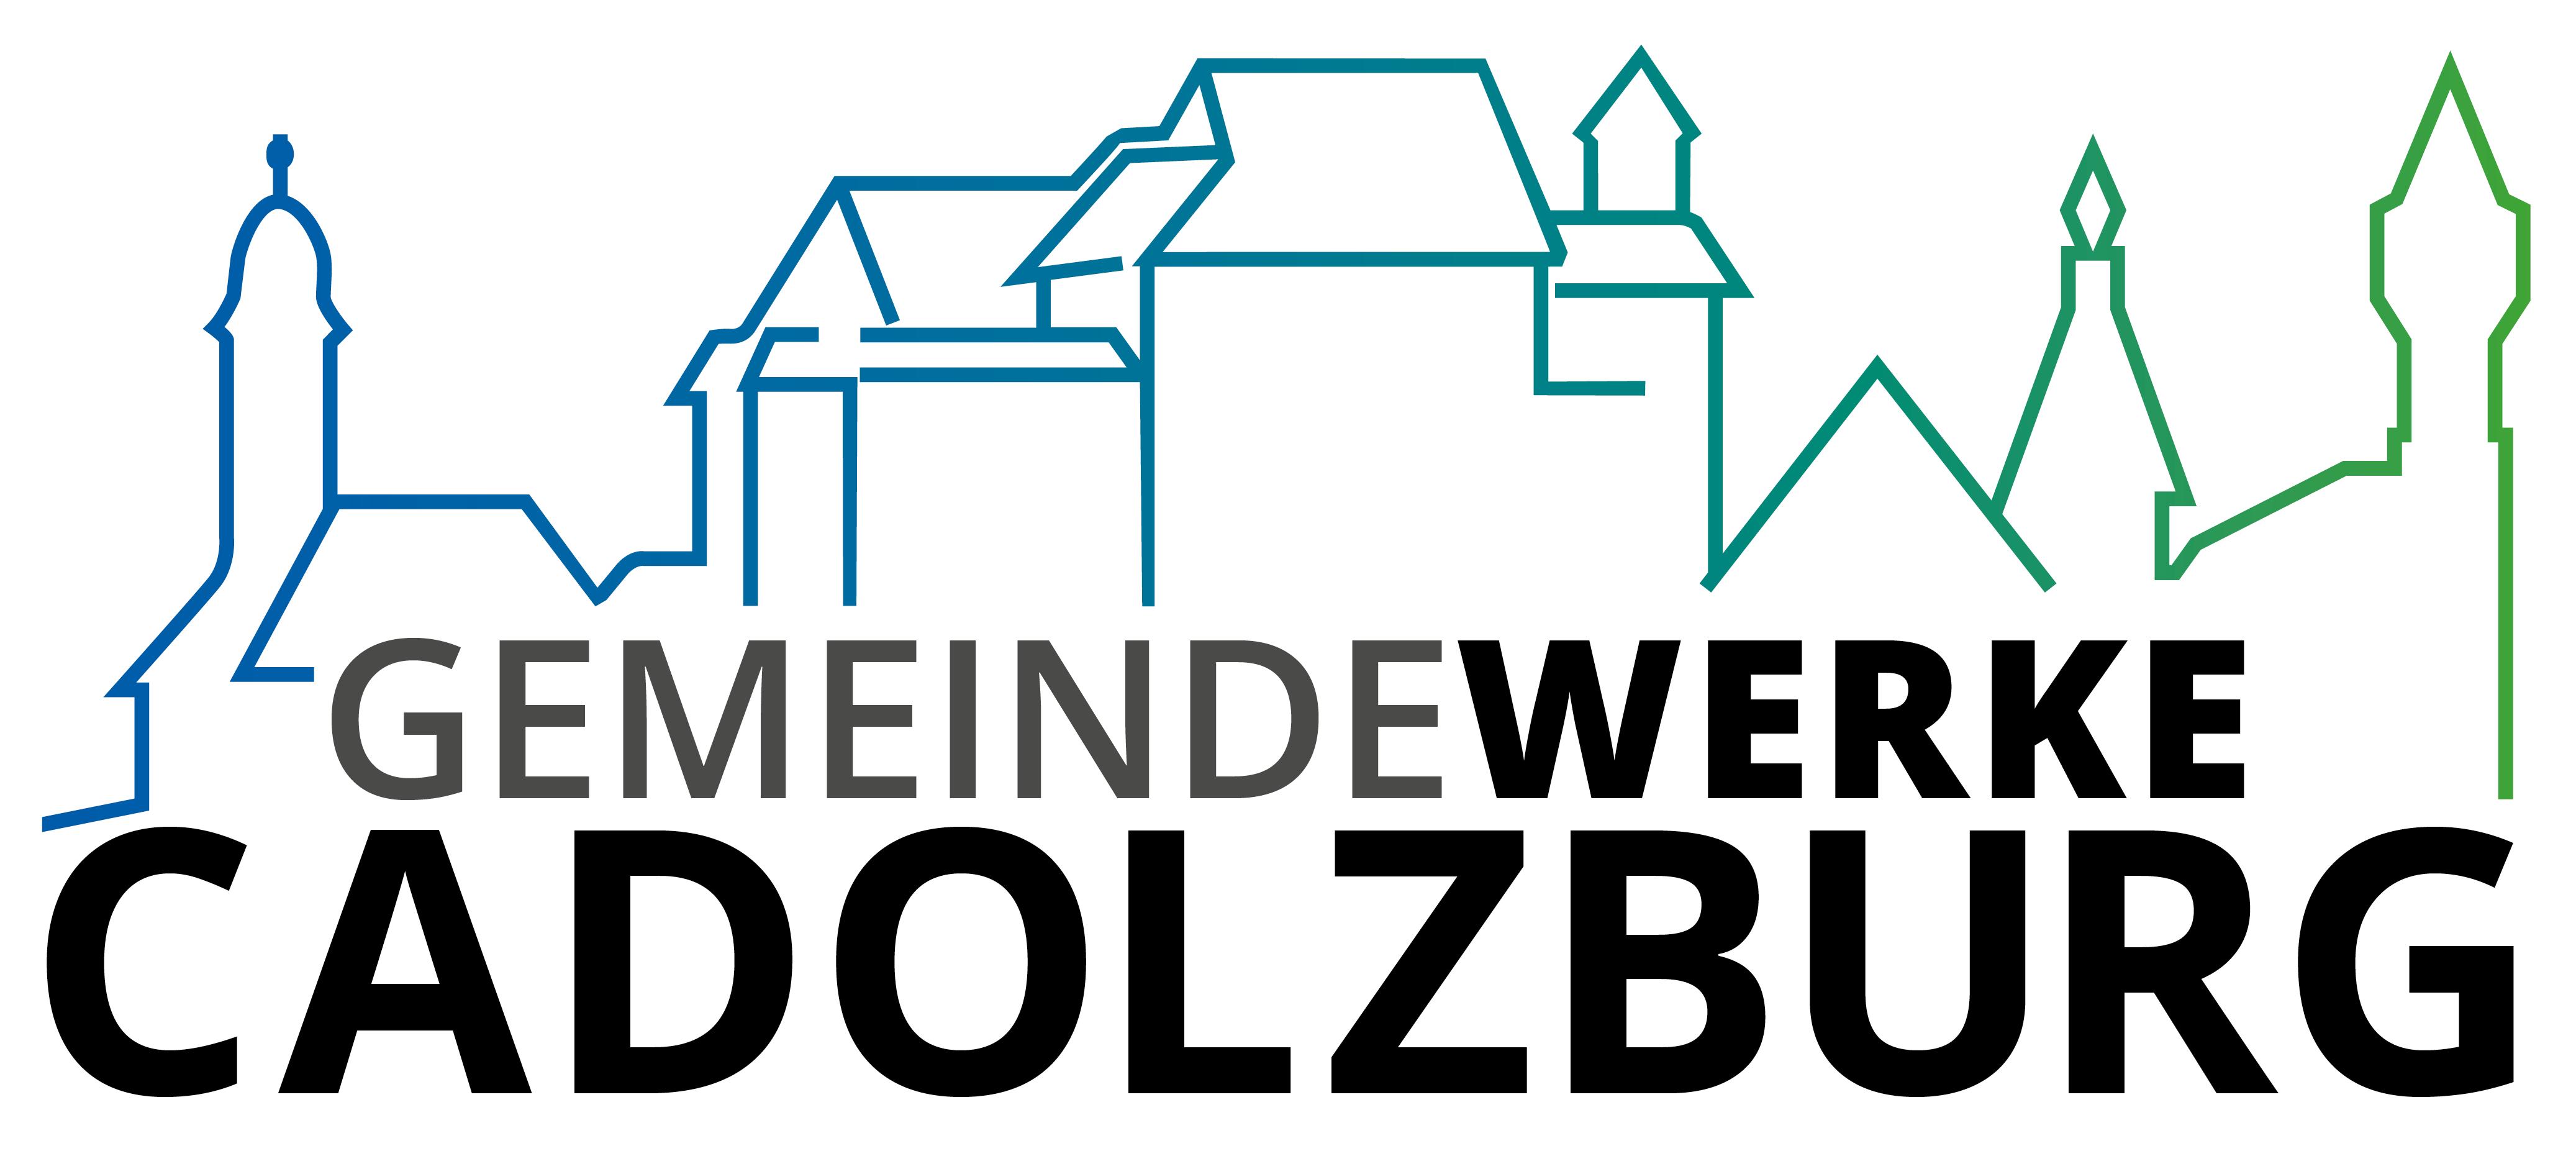 Gemeindewerke Cadolzburg